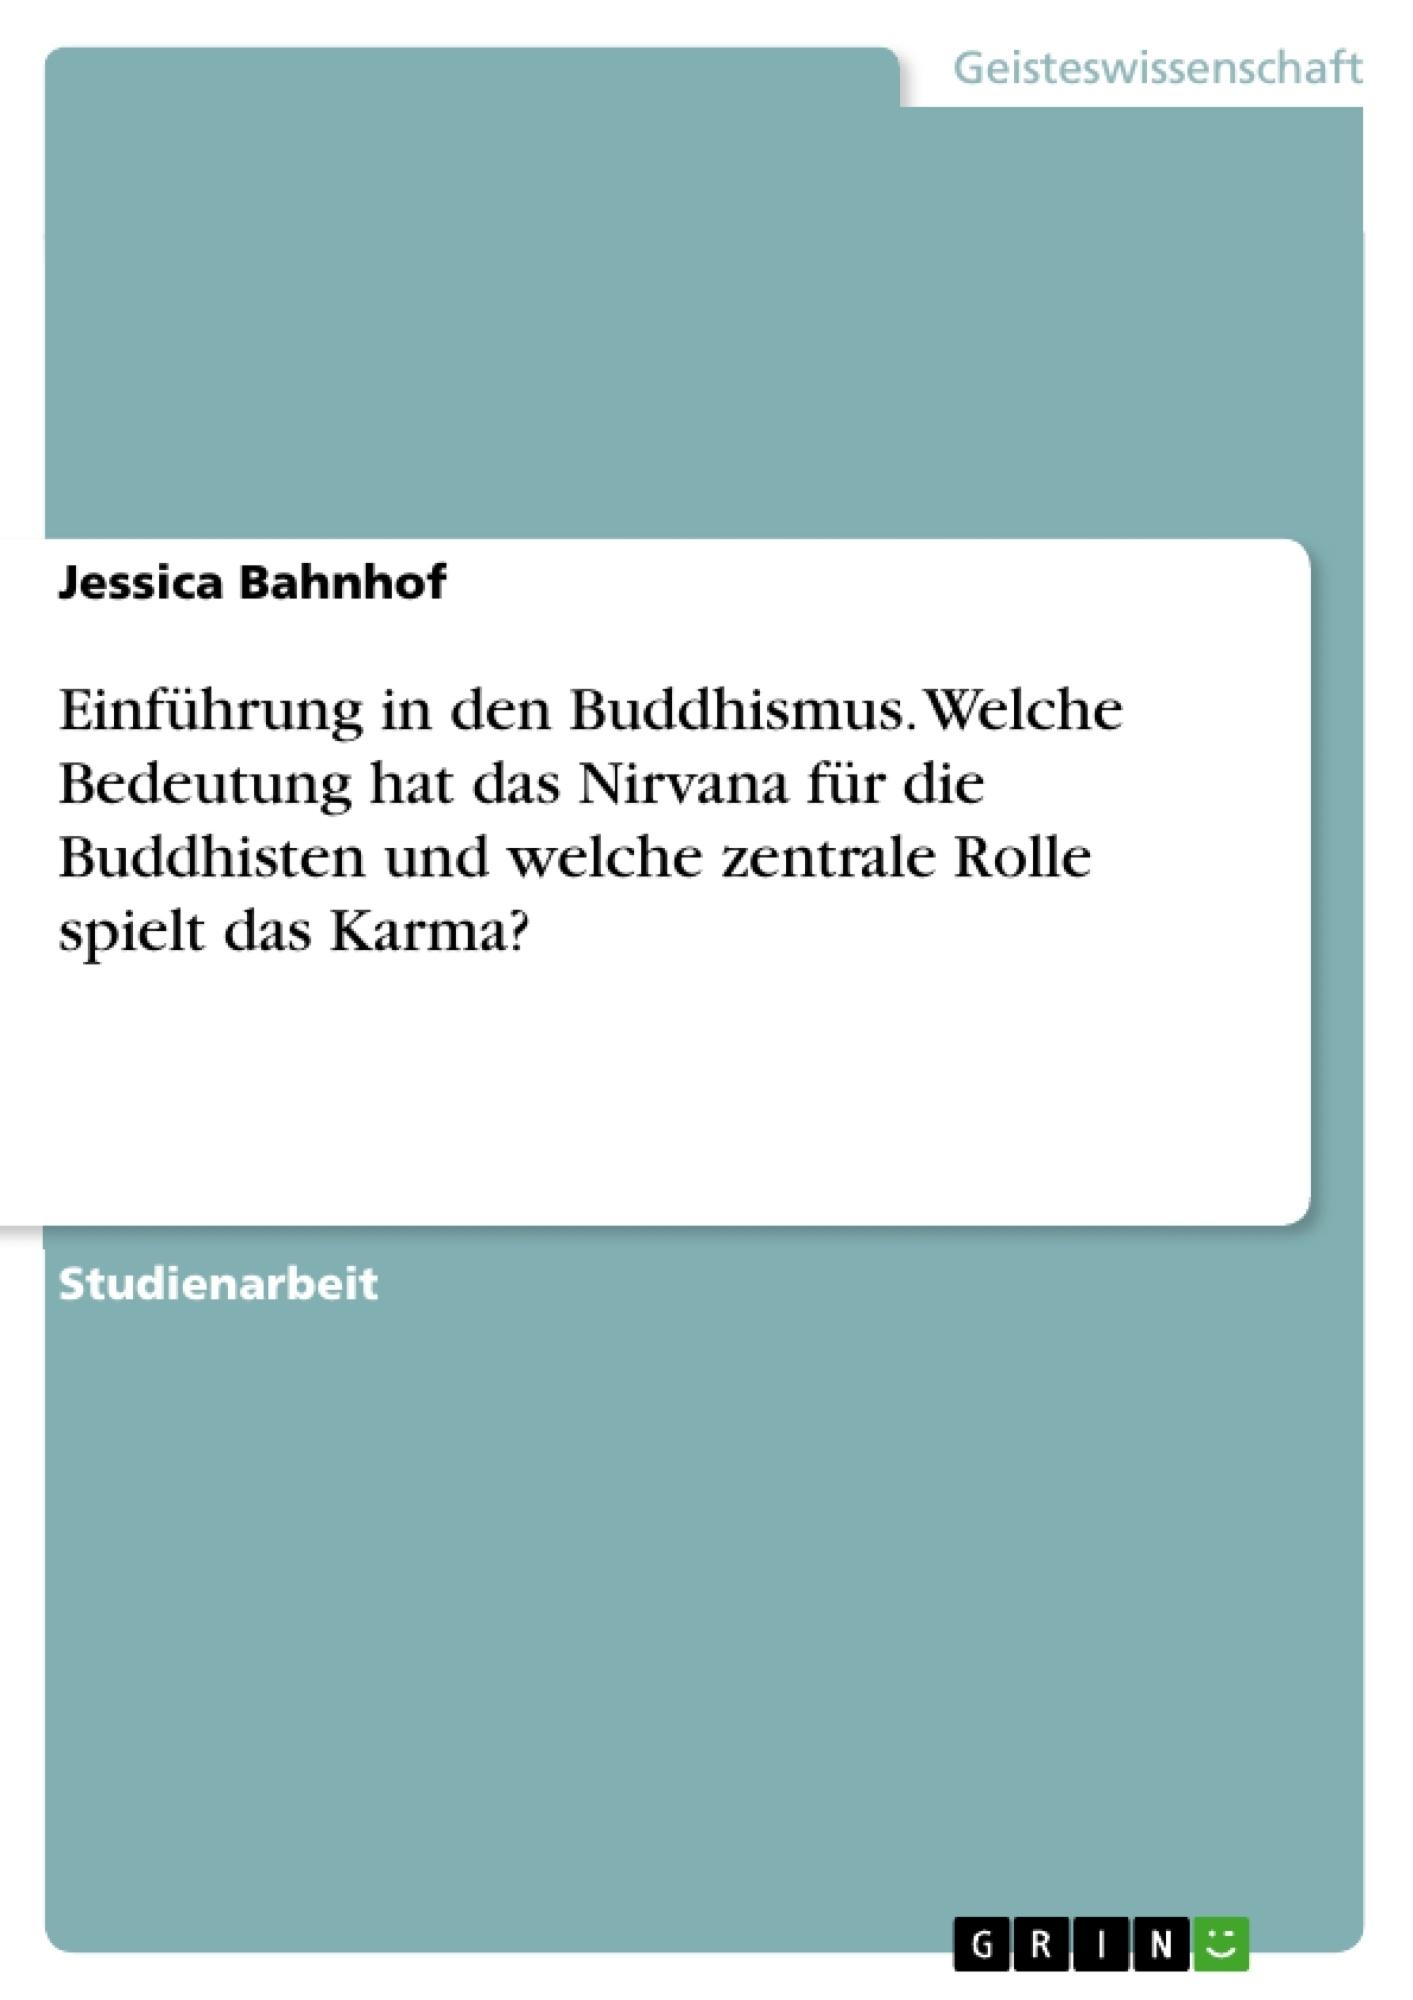 Titel: Einführung in den Buddhismus. Welche Bedeutung hat das Nirvana für die Buddhisten und welche zentrale Rolle spielt das Karma?